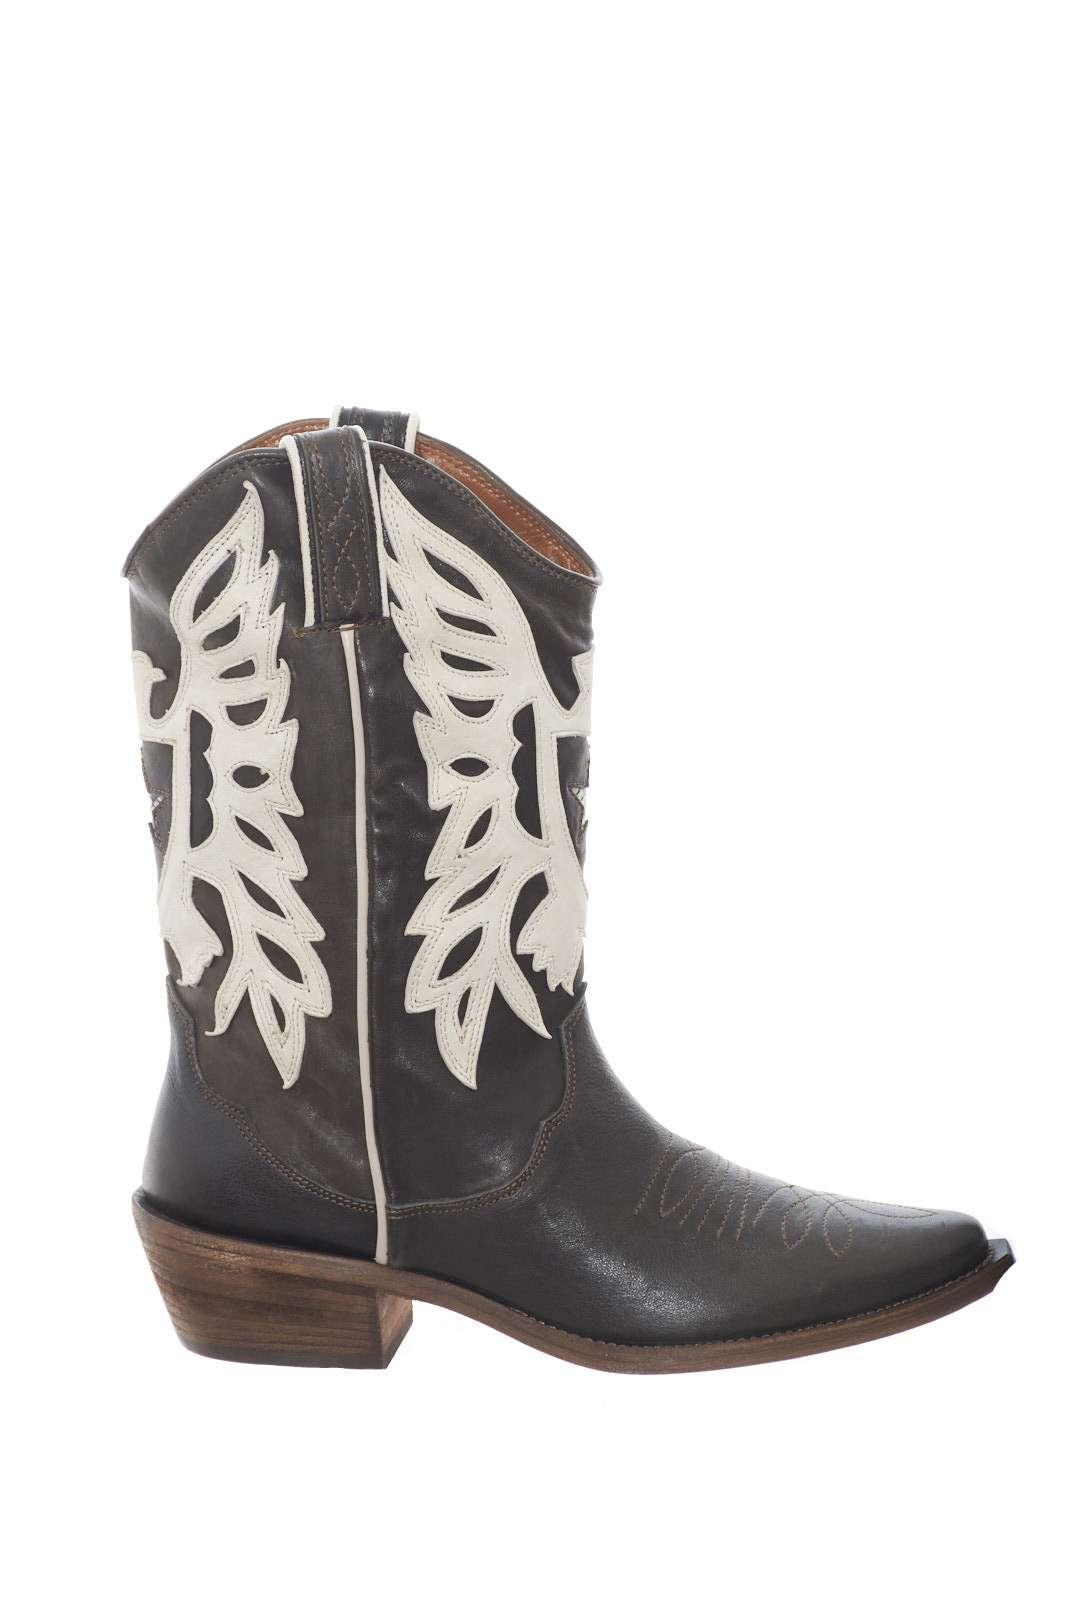 Uno stivaletto esclusivo, unico, per la donna che ama calzature con le quali stupire. Parosh modello texano, per uno stile iconico, e realizzato interamente in pelle di capra, per un comfort inimitabile.